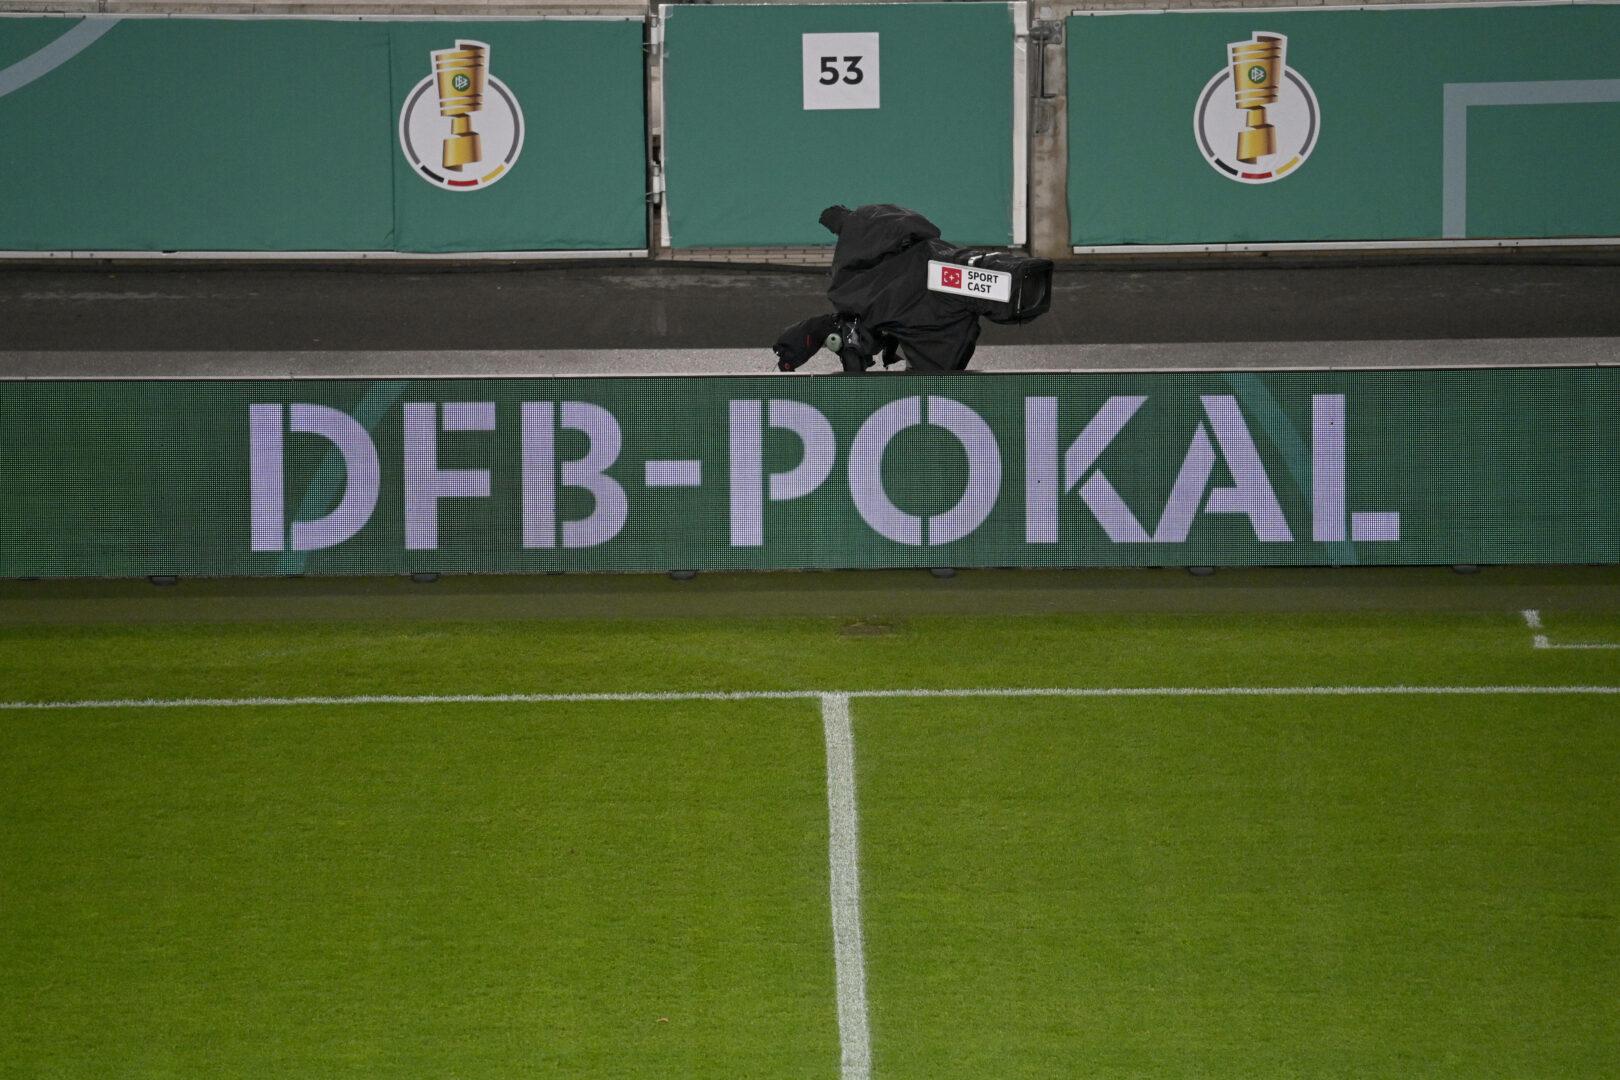 DFB Pokal Bandenwerbung im Stadion